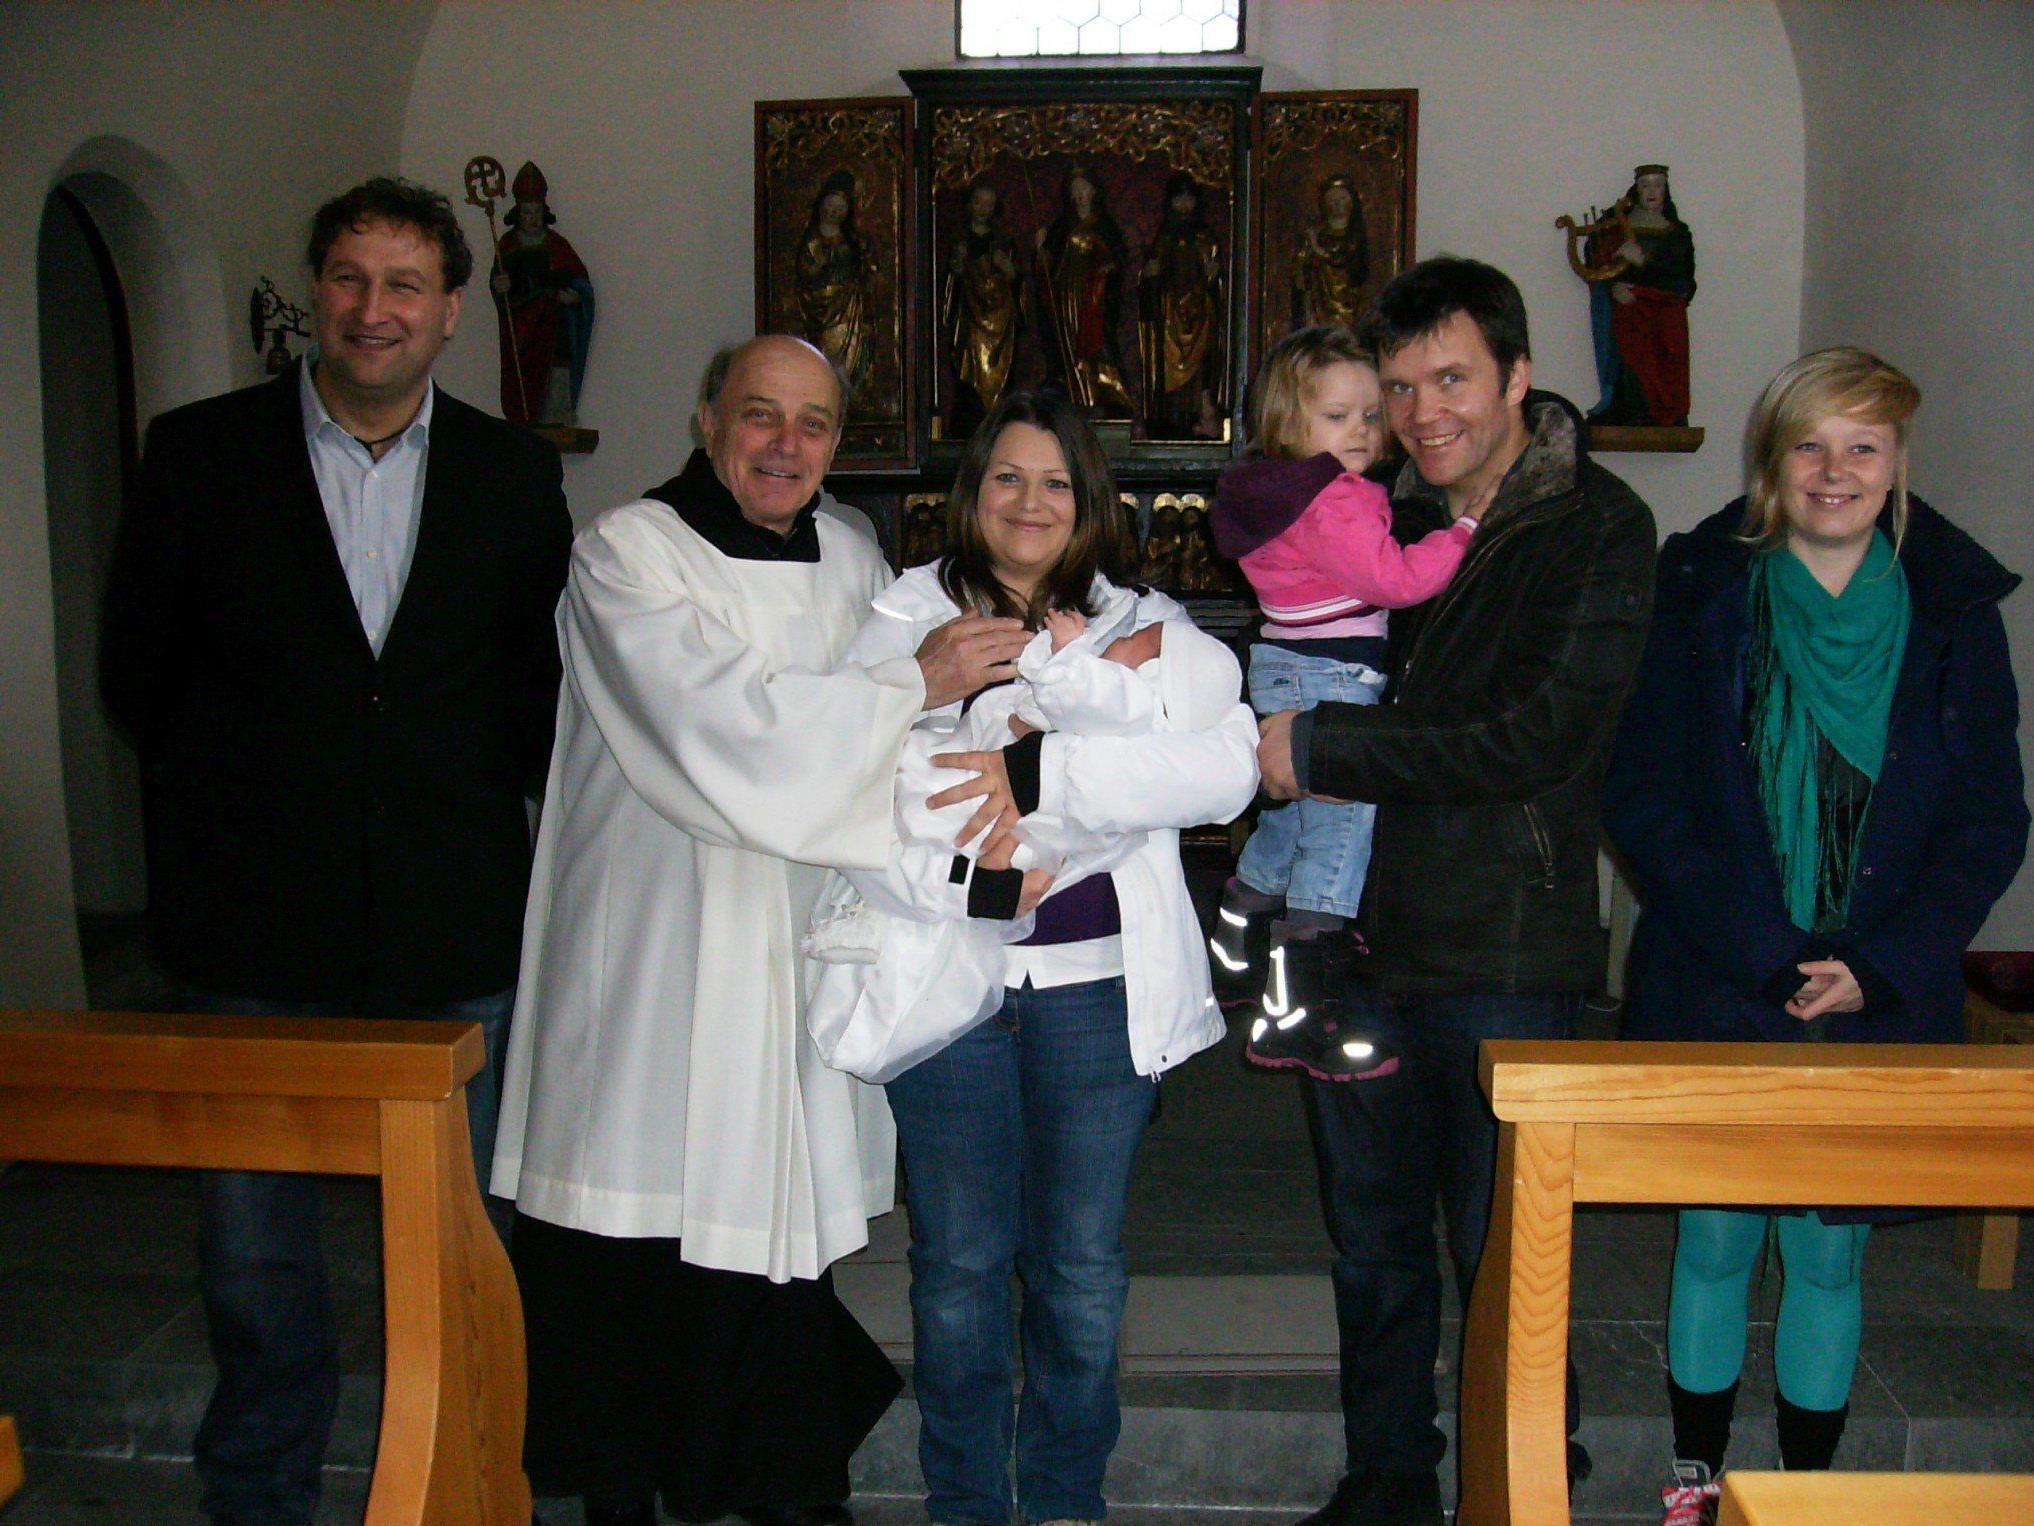 Chiara Michaela Sagmeister wurde in der St. Vinerkirche getauft